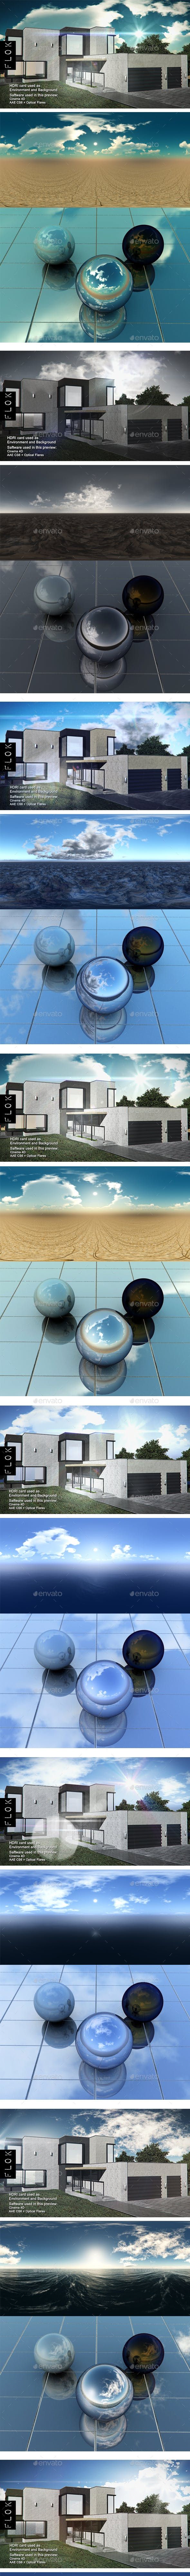 HDRI Pack - Desert vol 29 - 3DOcean Item for Sale